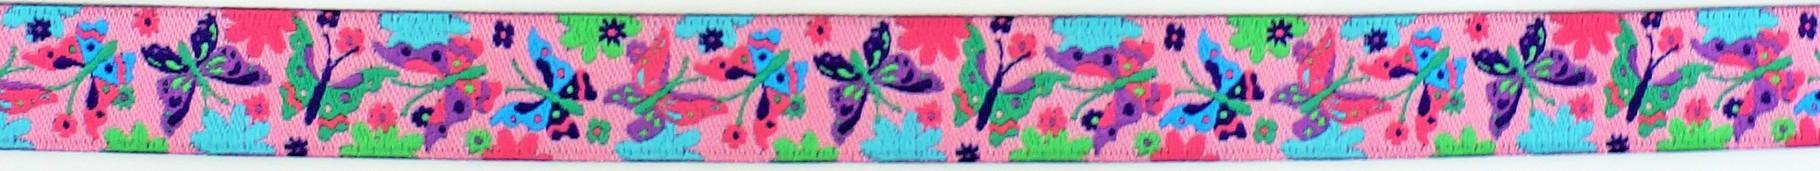 Schmetterling rosa - lila